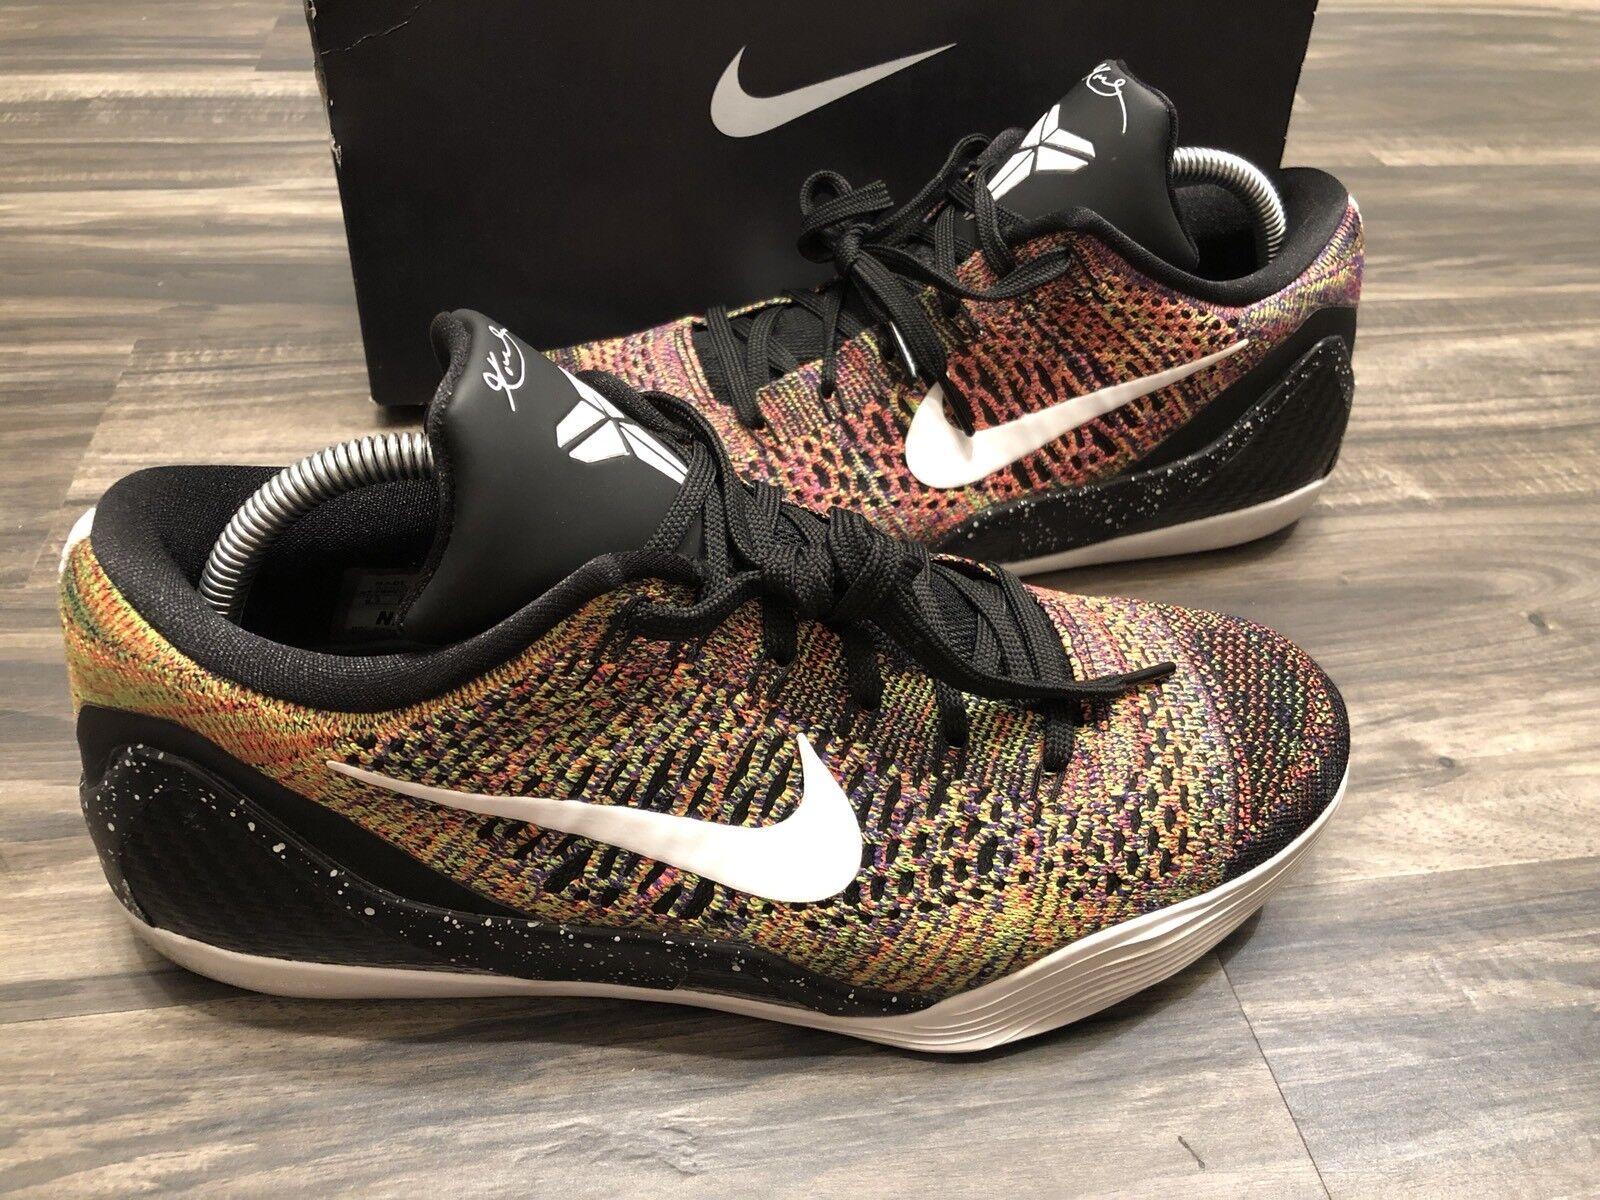 Nike kobe ix 9 elite id basso multicolore capolavoro mamba grinch flyknit pre -